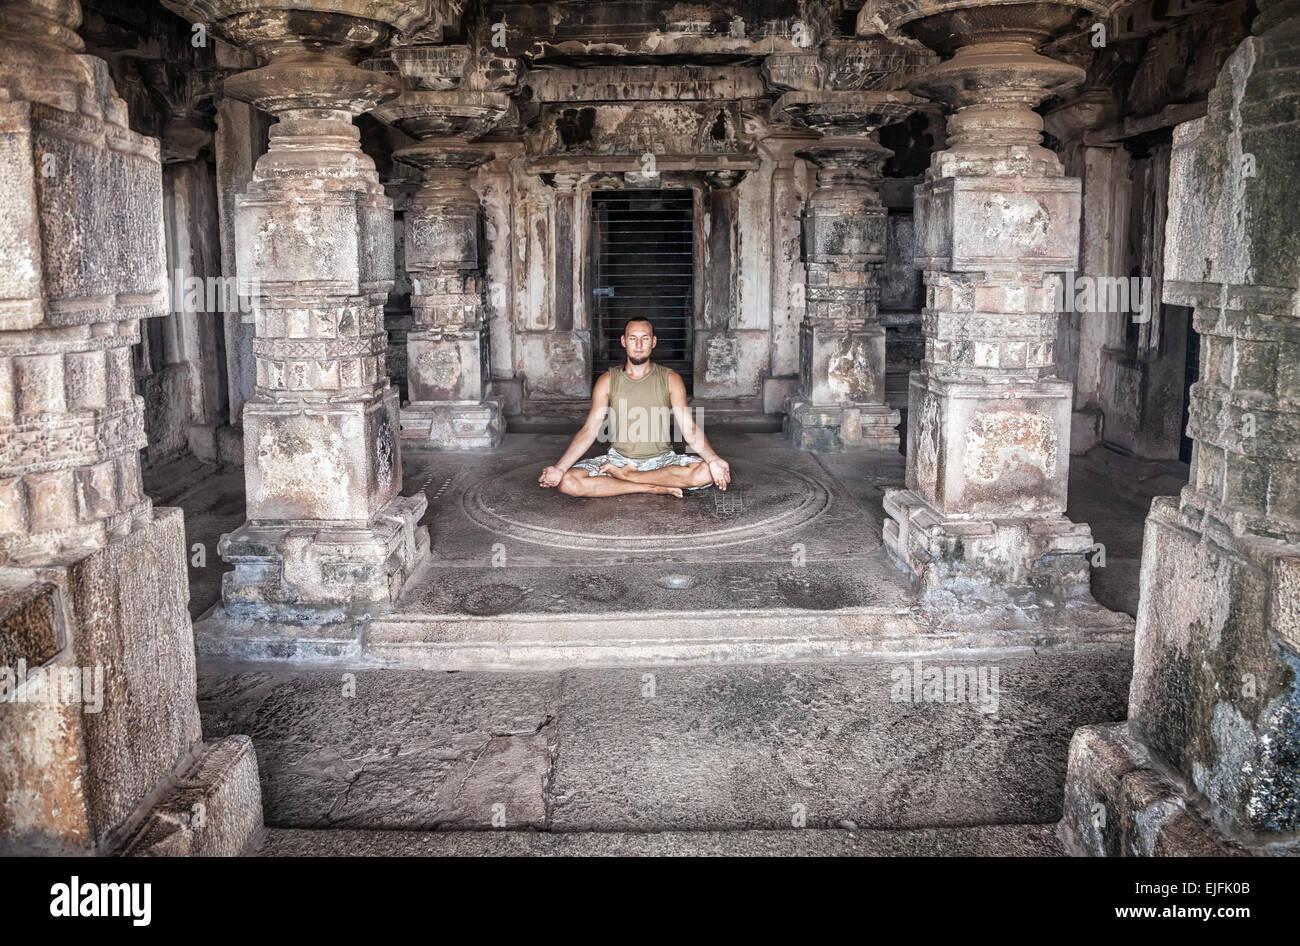 Hombre haciendo la meditación en el templo antiguo con columnas tallado en Hampi, Karnataka, India Imagen De Stock